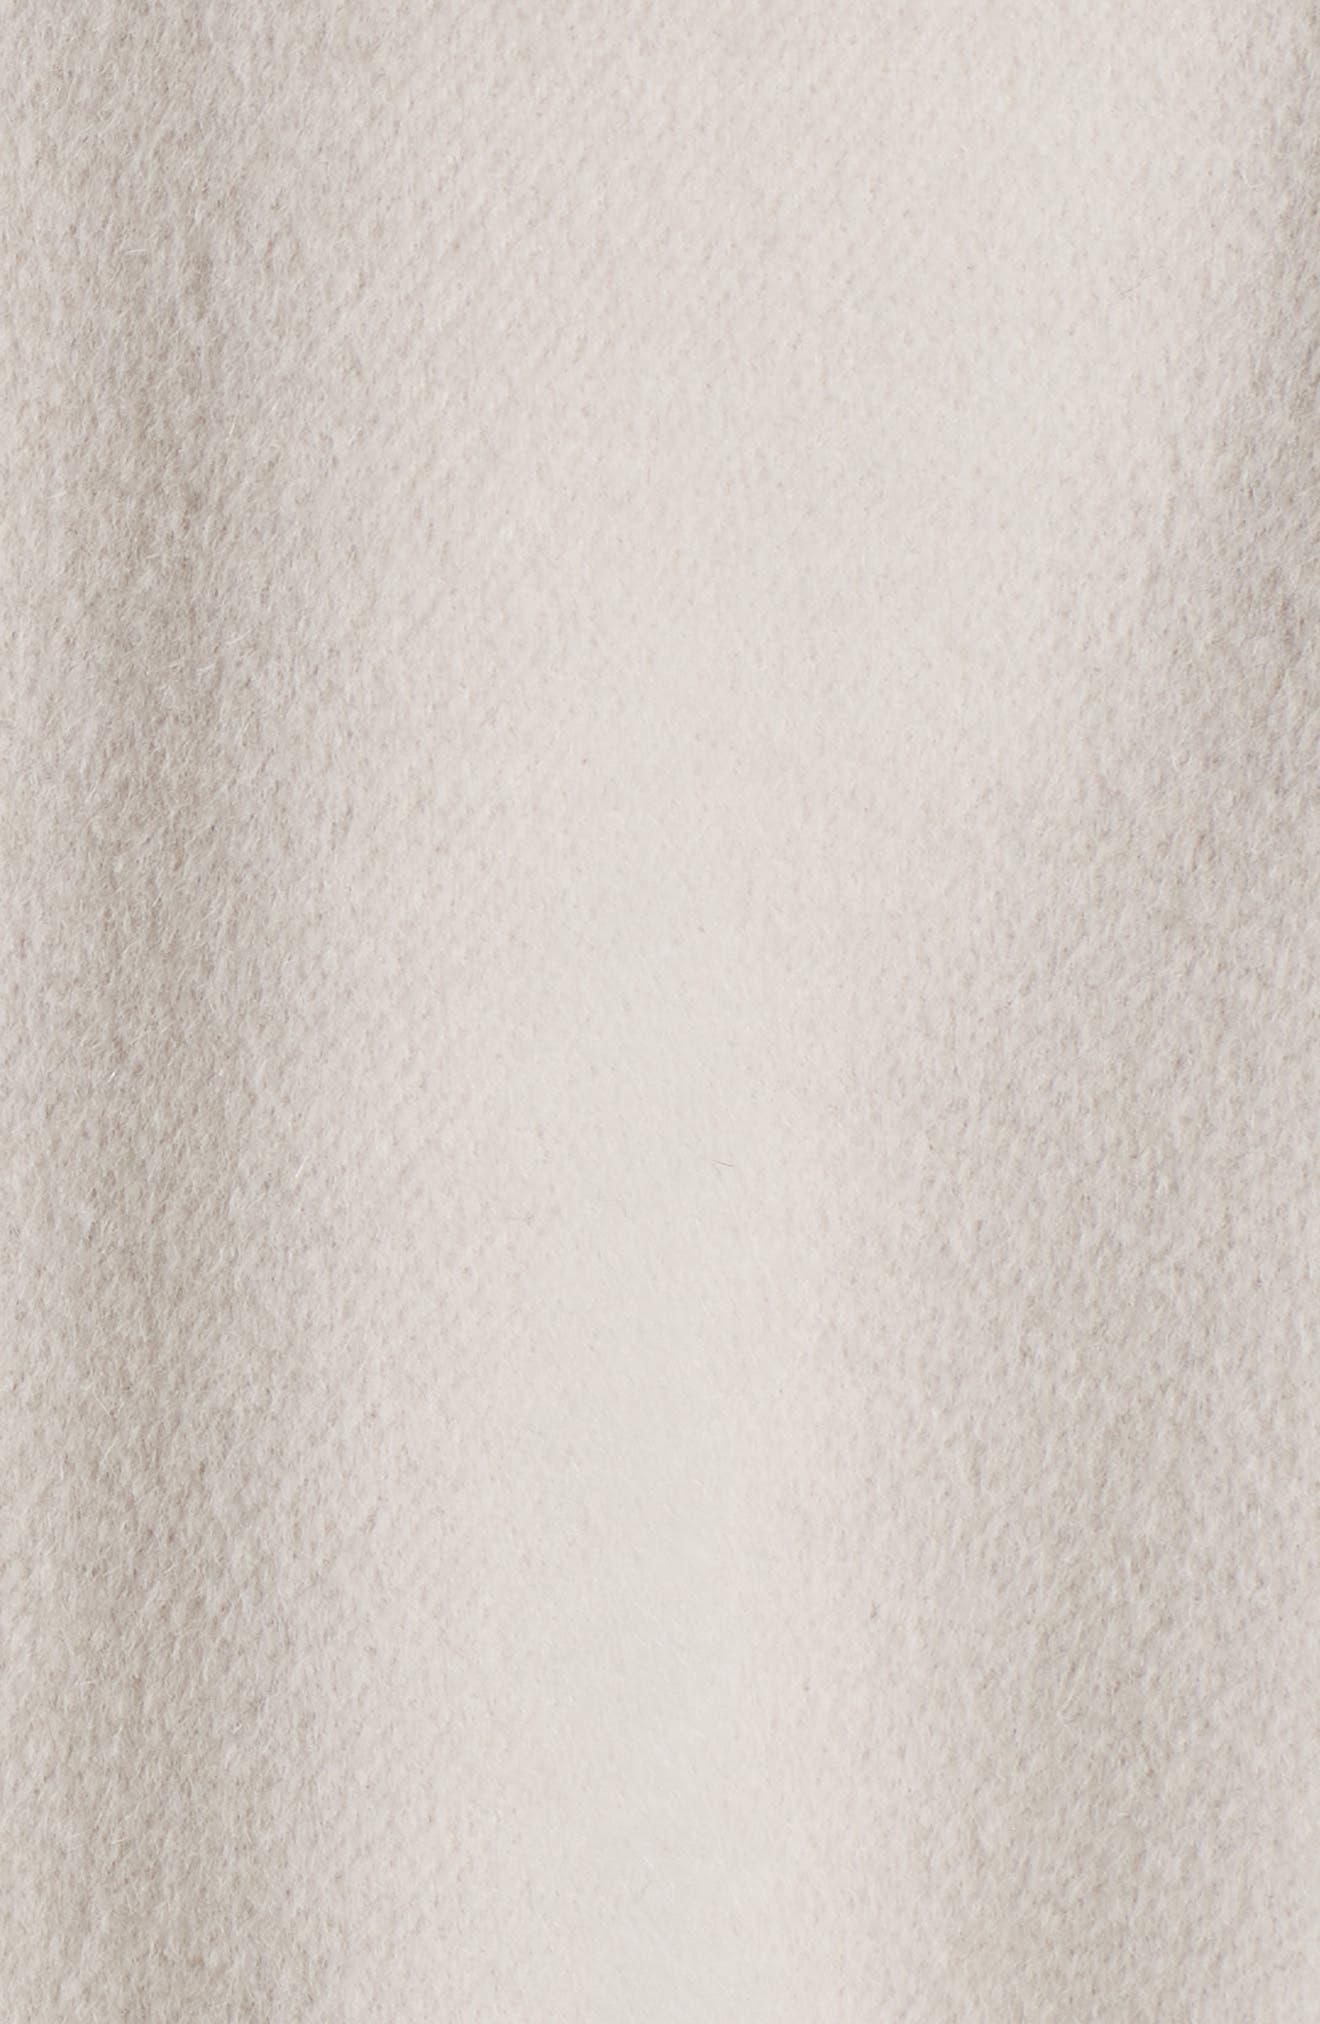 Reversible Double Face Wool & Angora Blend Topper,                             Alternate thumbnail 8, color,                             HAZELNUT MELANGE/ CREAM